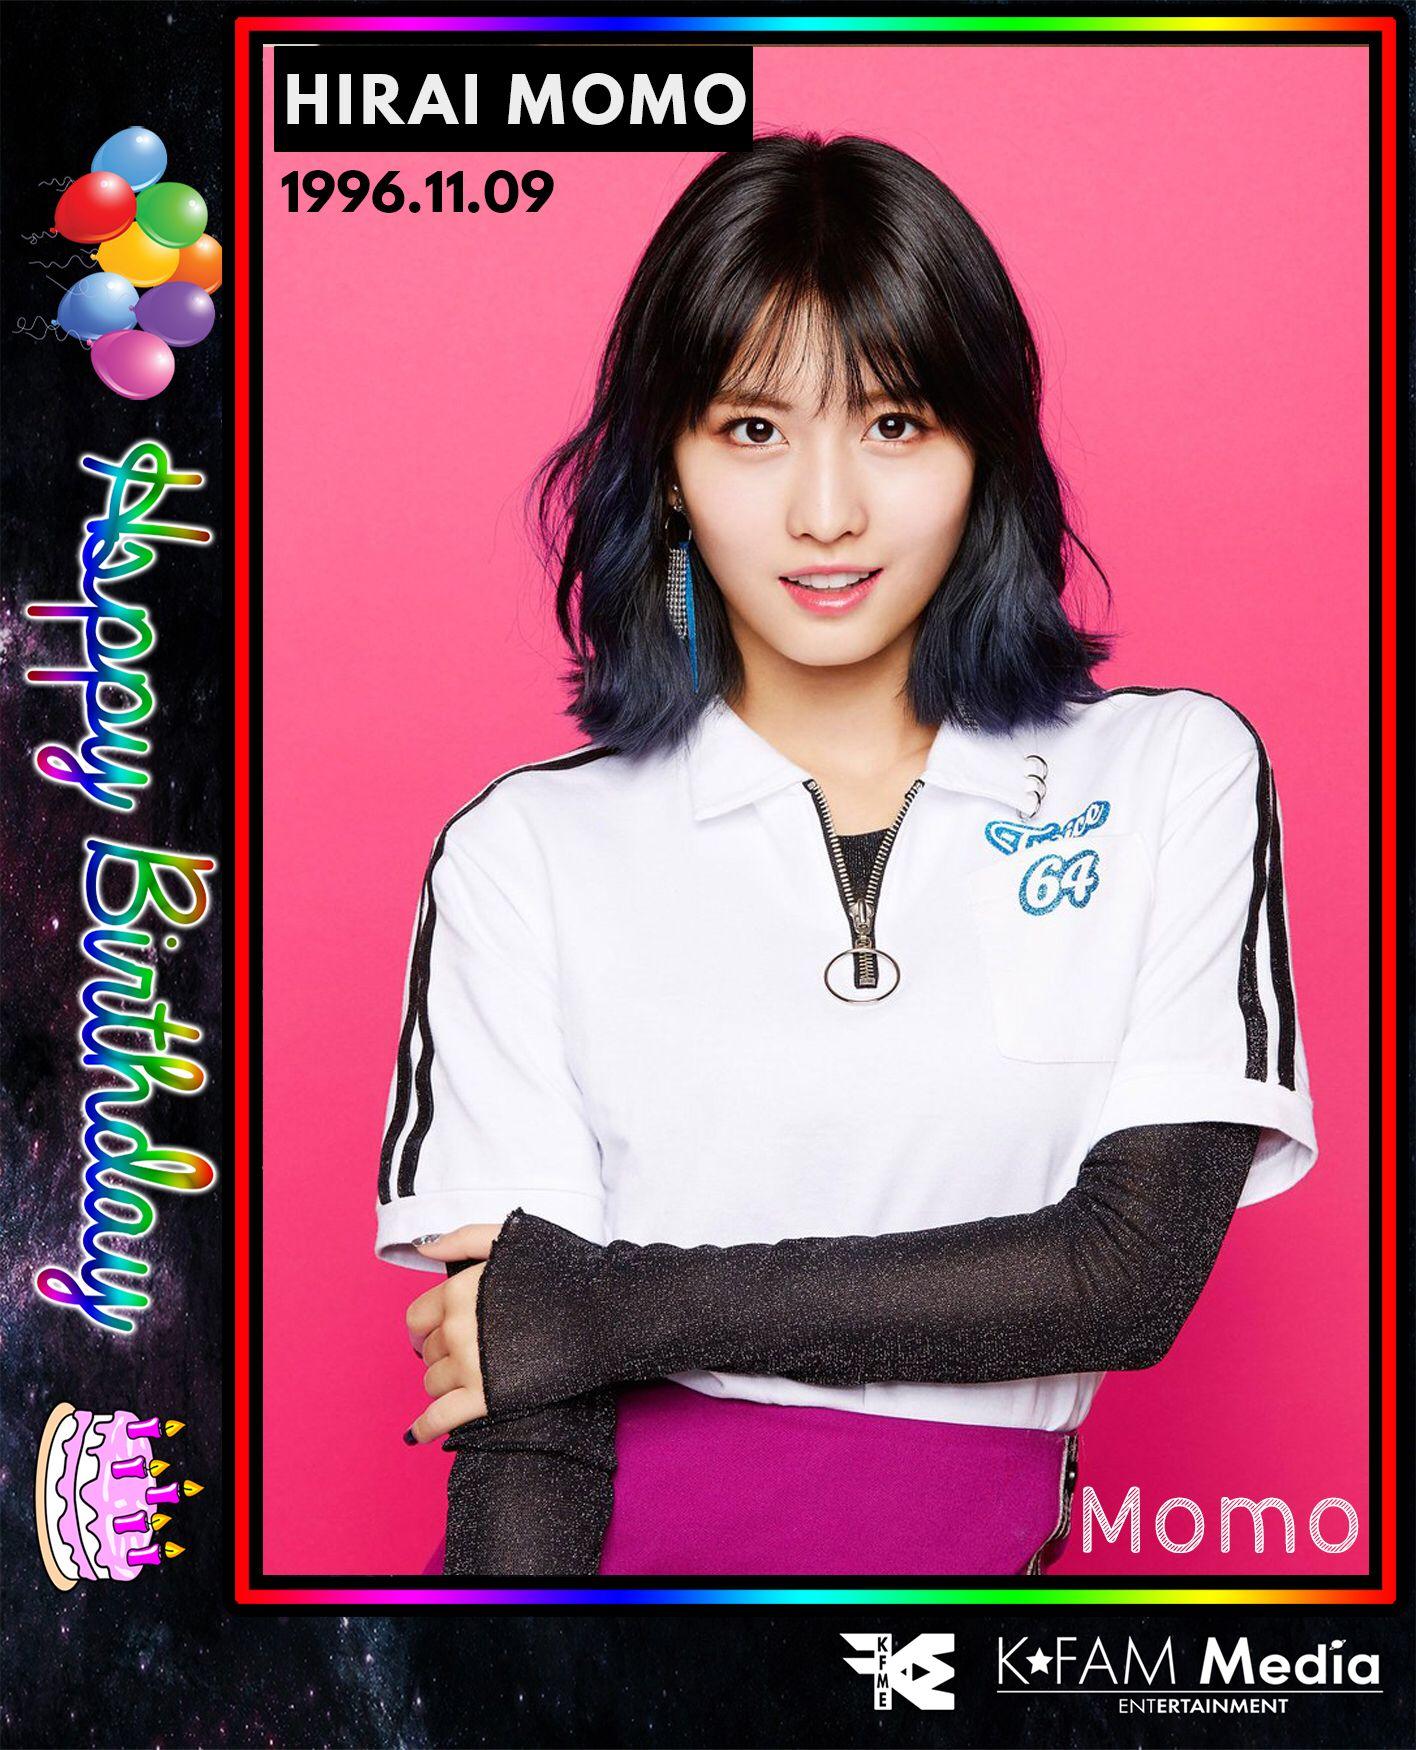 HALLYU BIRTHDAYS 2017/11/09⠀⠀⠀⠀⠀⠀ Happy birthday to Momo